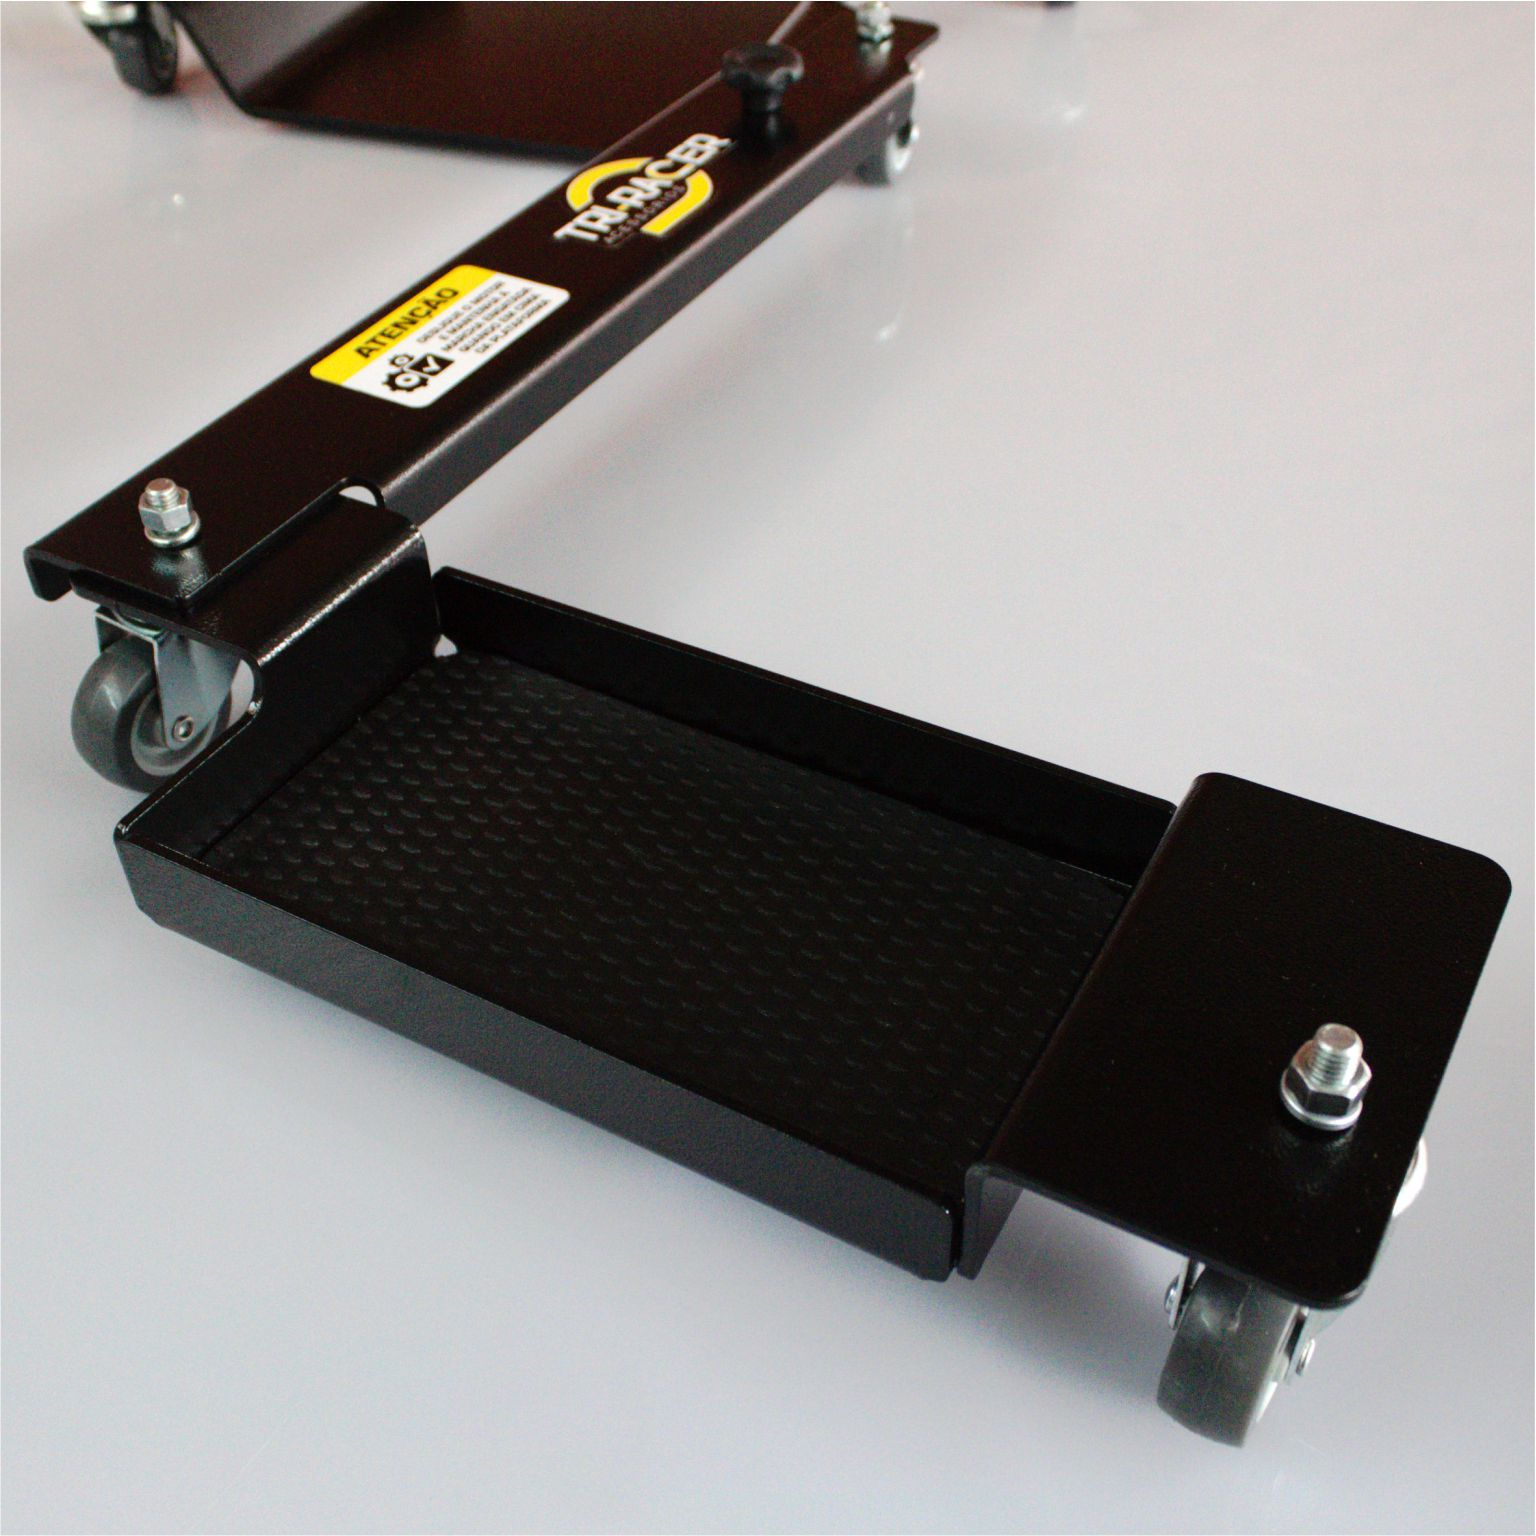 Moto Plataforma P/ Estacionar  Tr-6000 - até 300kg